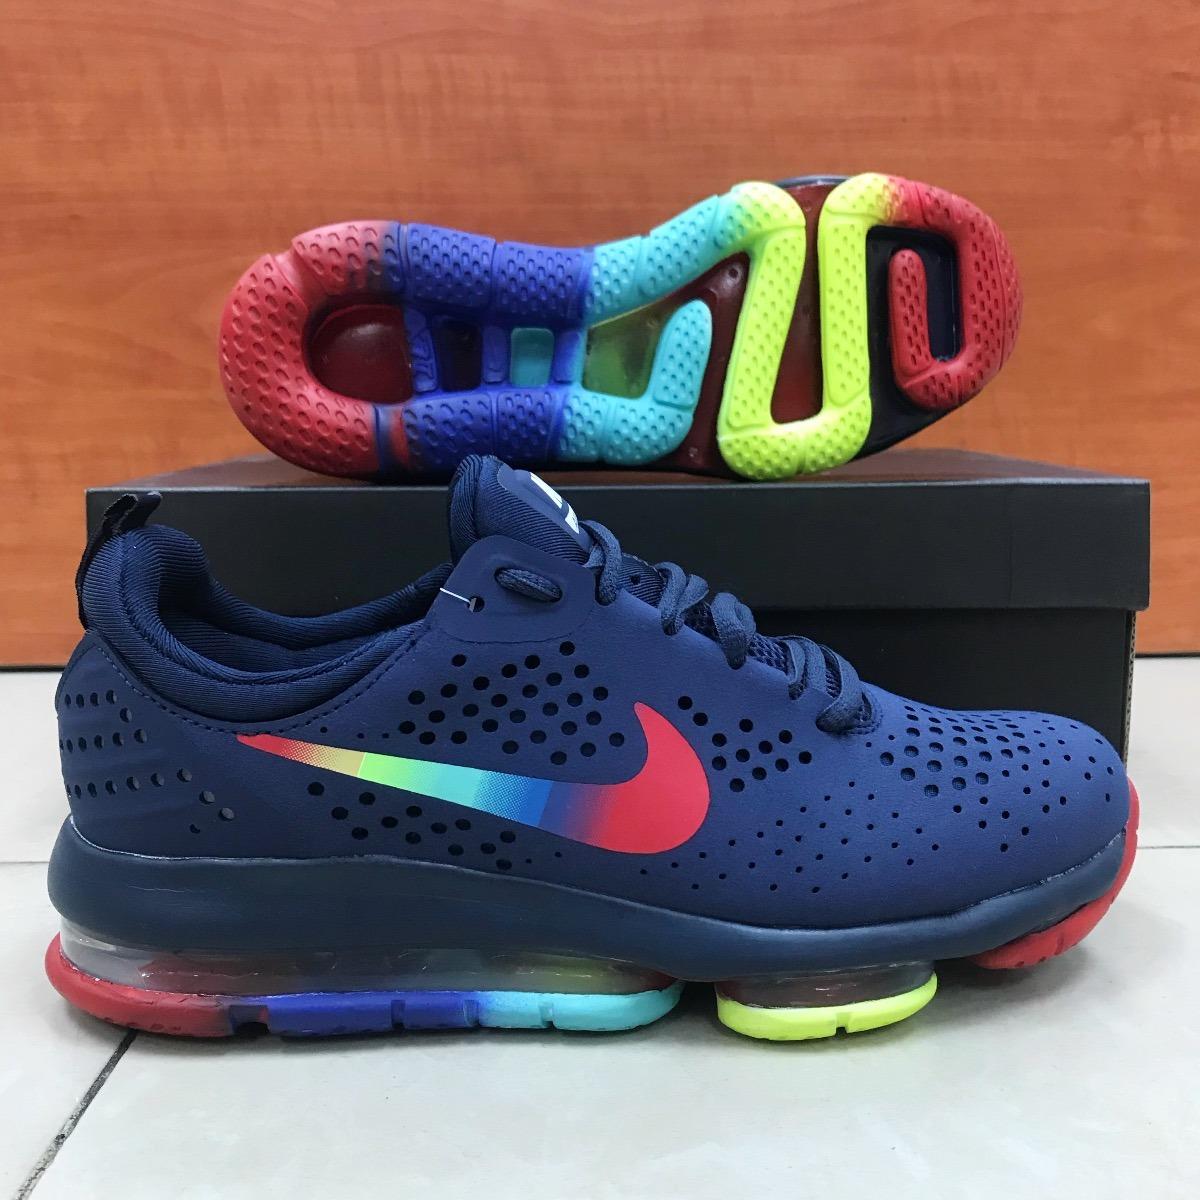 Zapatos 1 Nike Para Deportivos Caballero Dlx Airmax ilwkuZTOPX